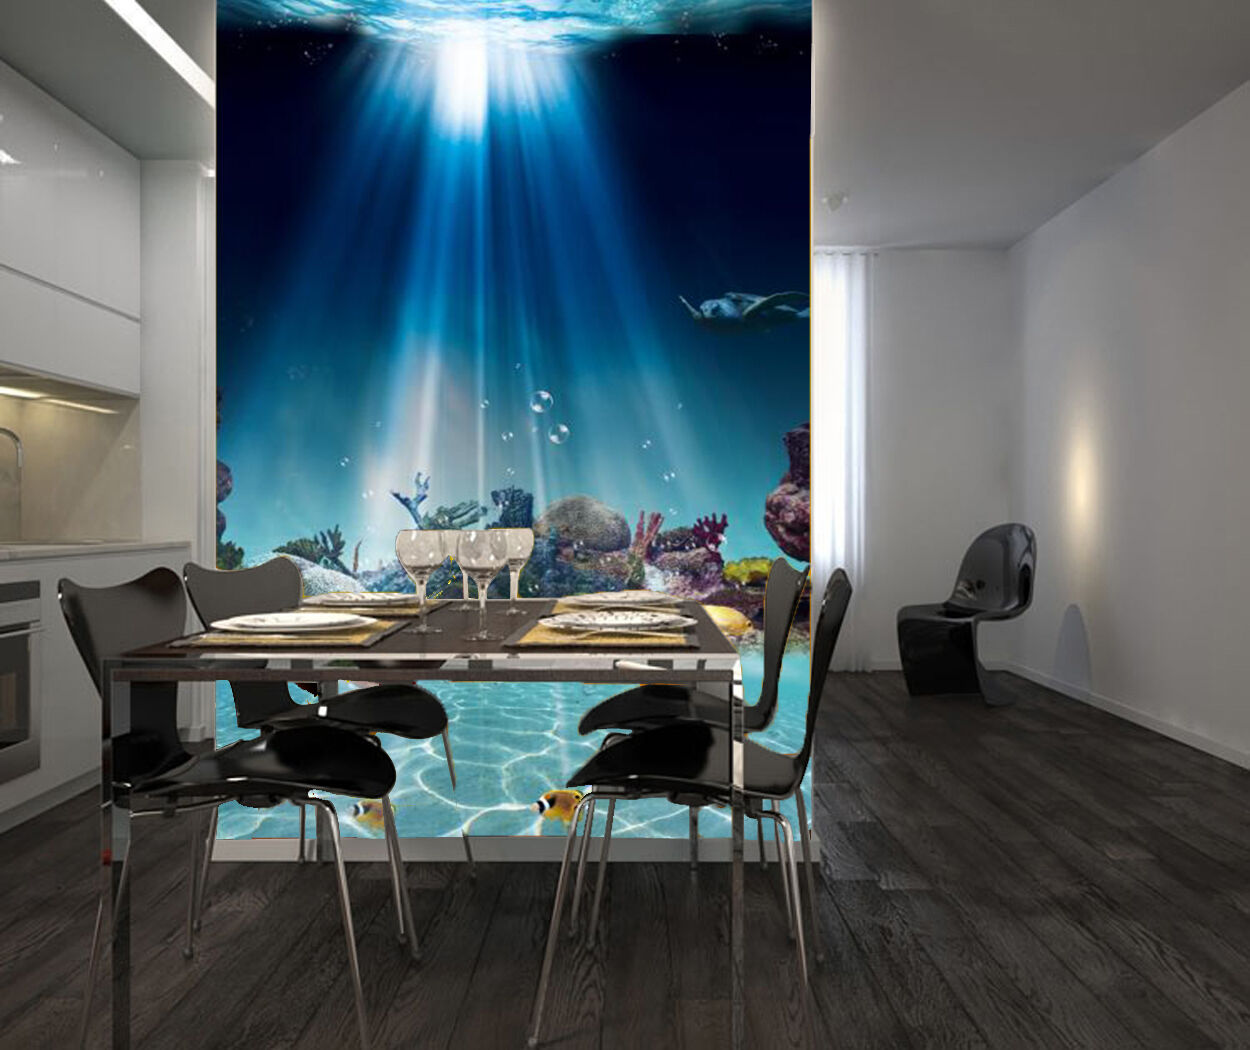 3D Sonne, Meeresboden Fototapeten Wandbild Fototapete Bild Tapete Familie Kinder  | Bestellungen Sind Willkommen  | Schenken Sie Ihrem Kind eine glückliche Kindheit  | Zürich Online Shop